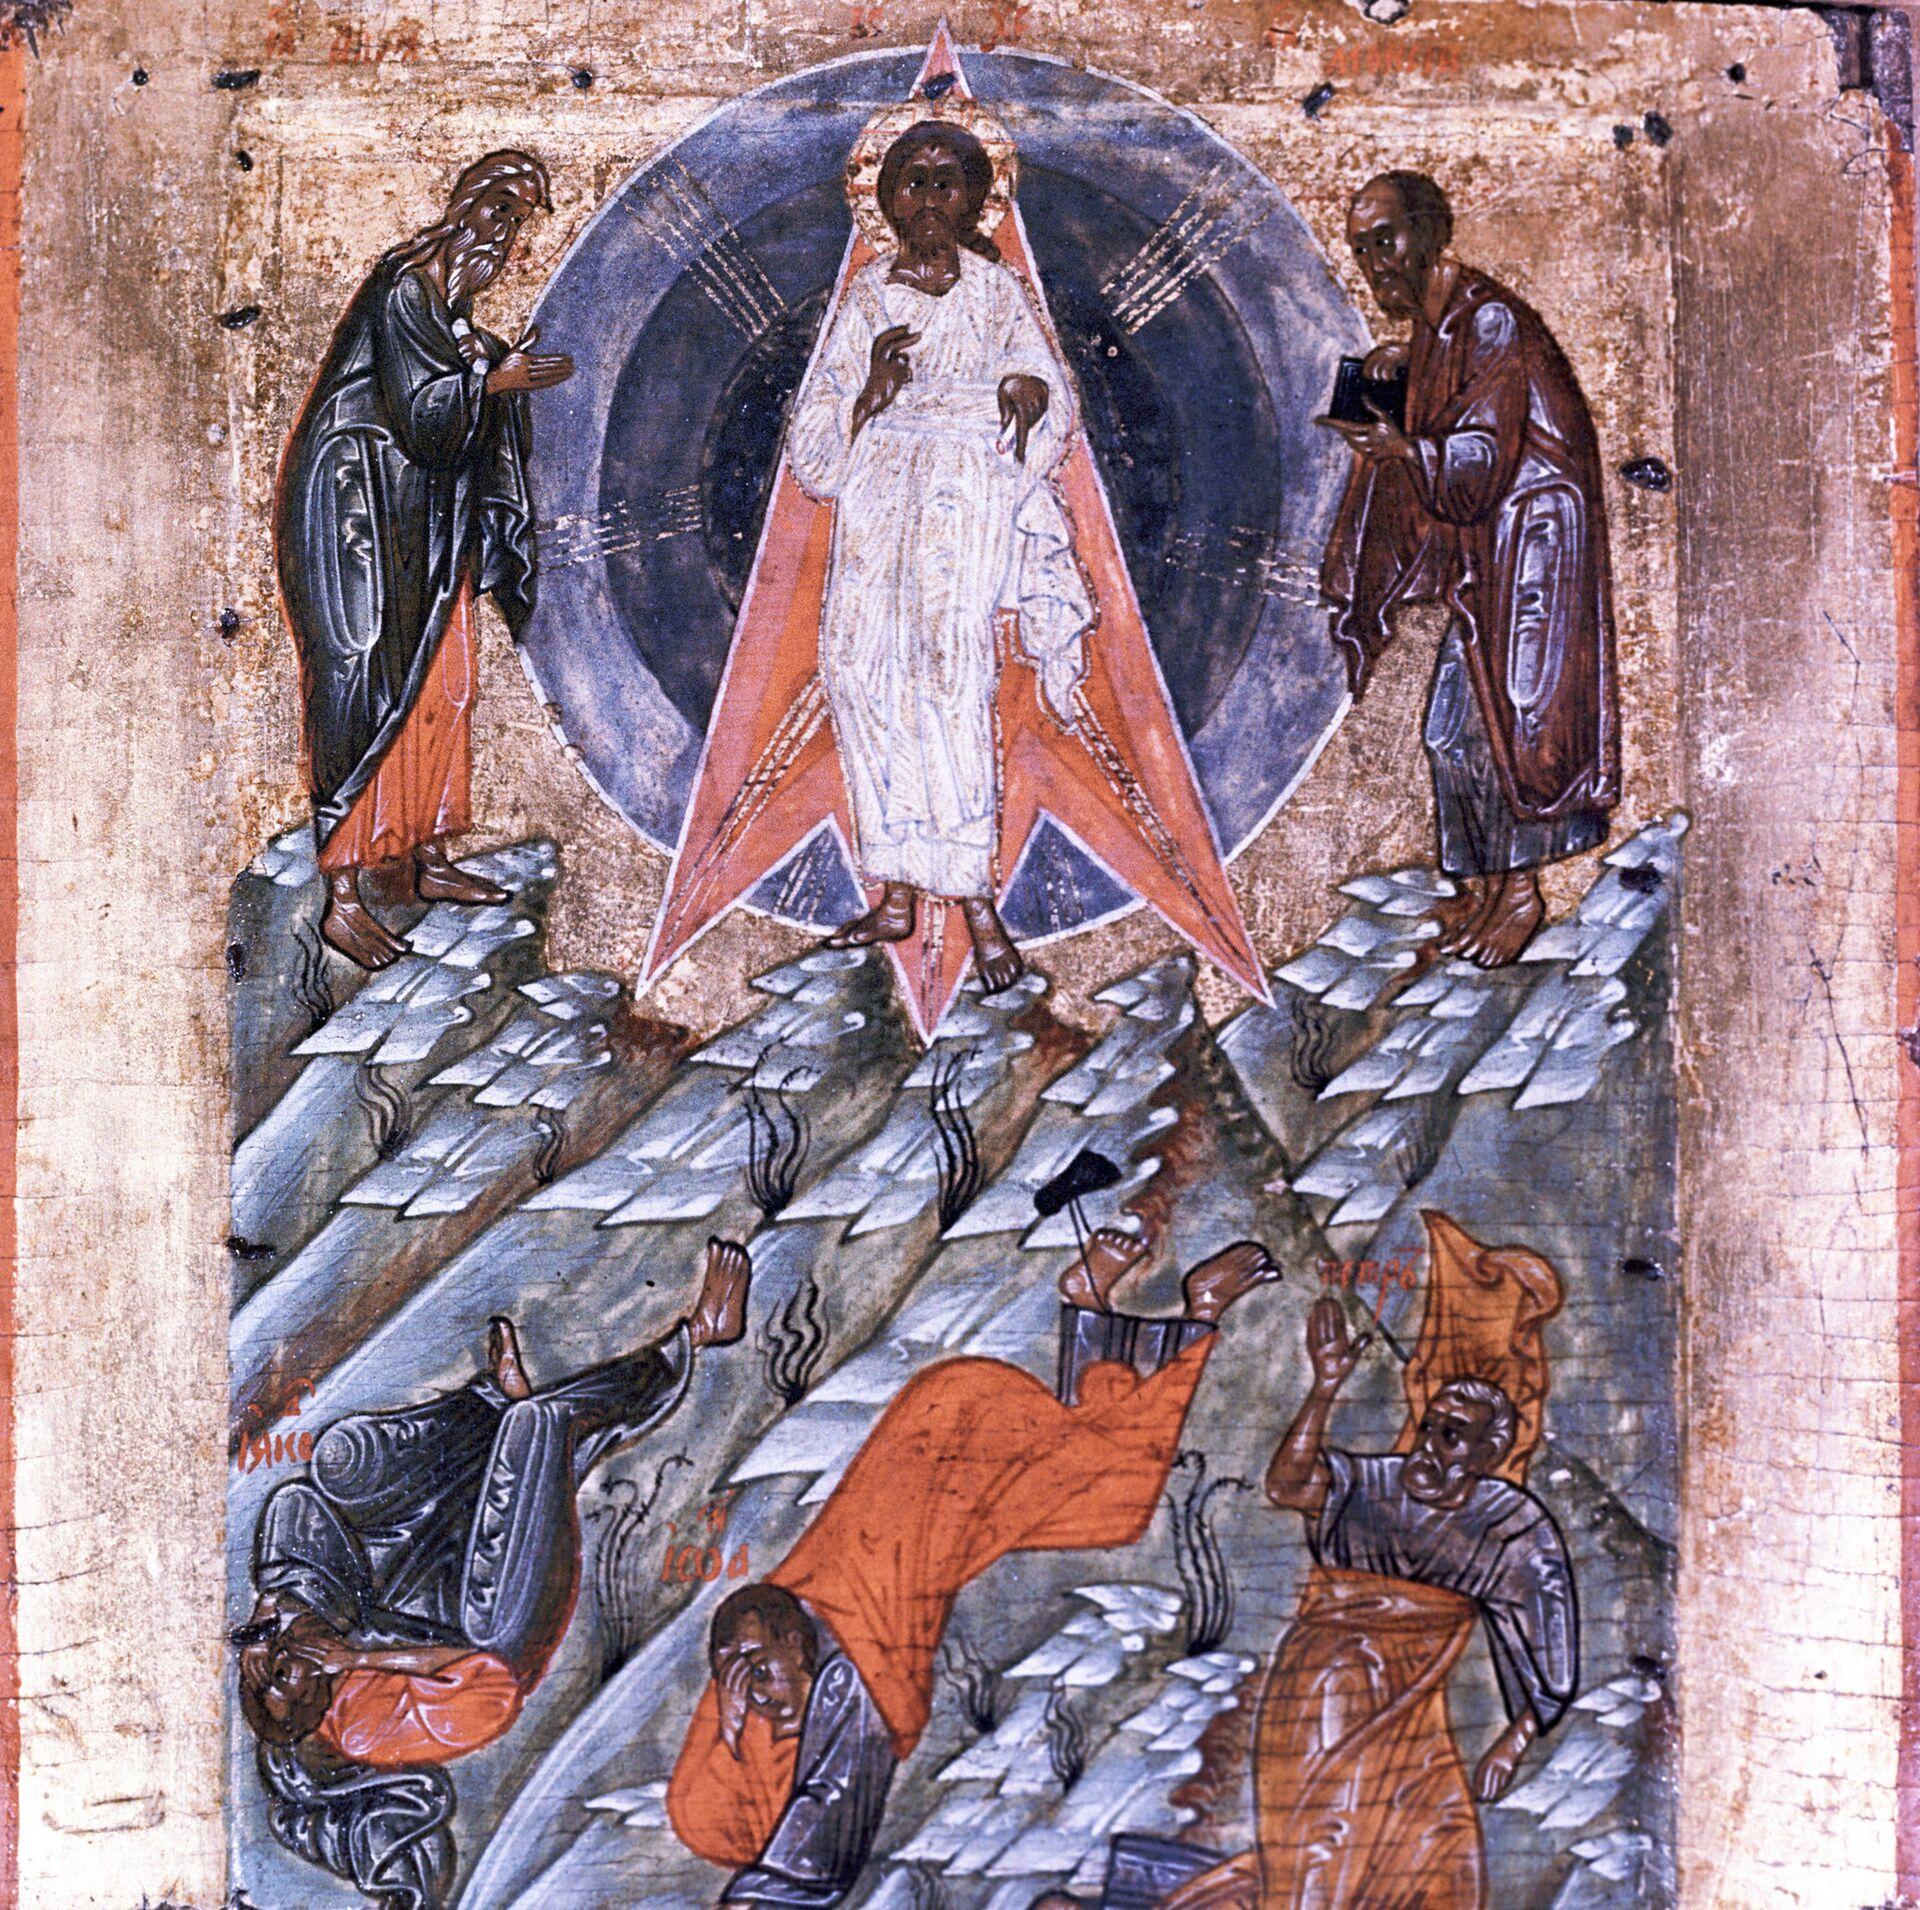 Икона Преображение Господне. XVI век.  - Sputnik Грузия, 1920, 16.09.2021